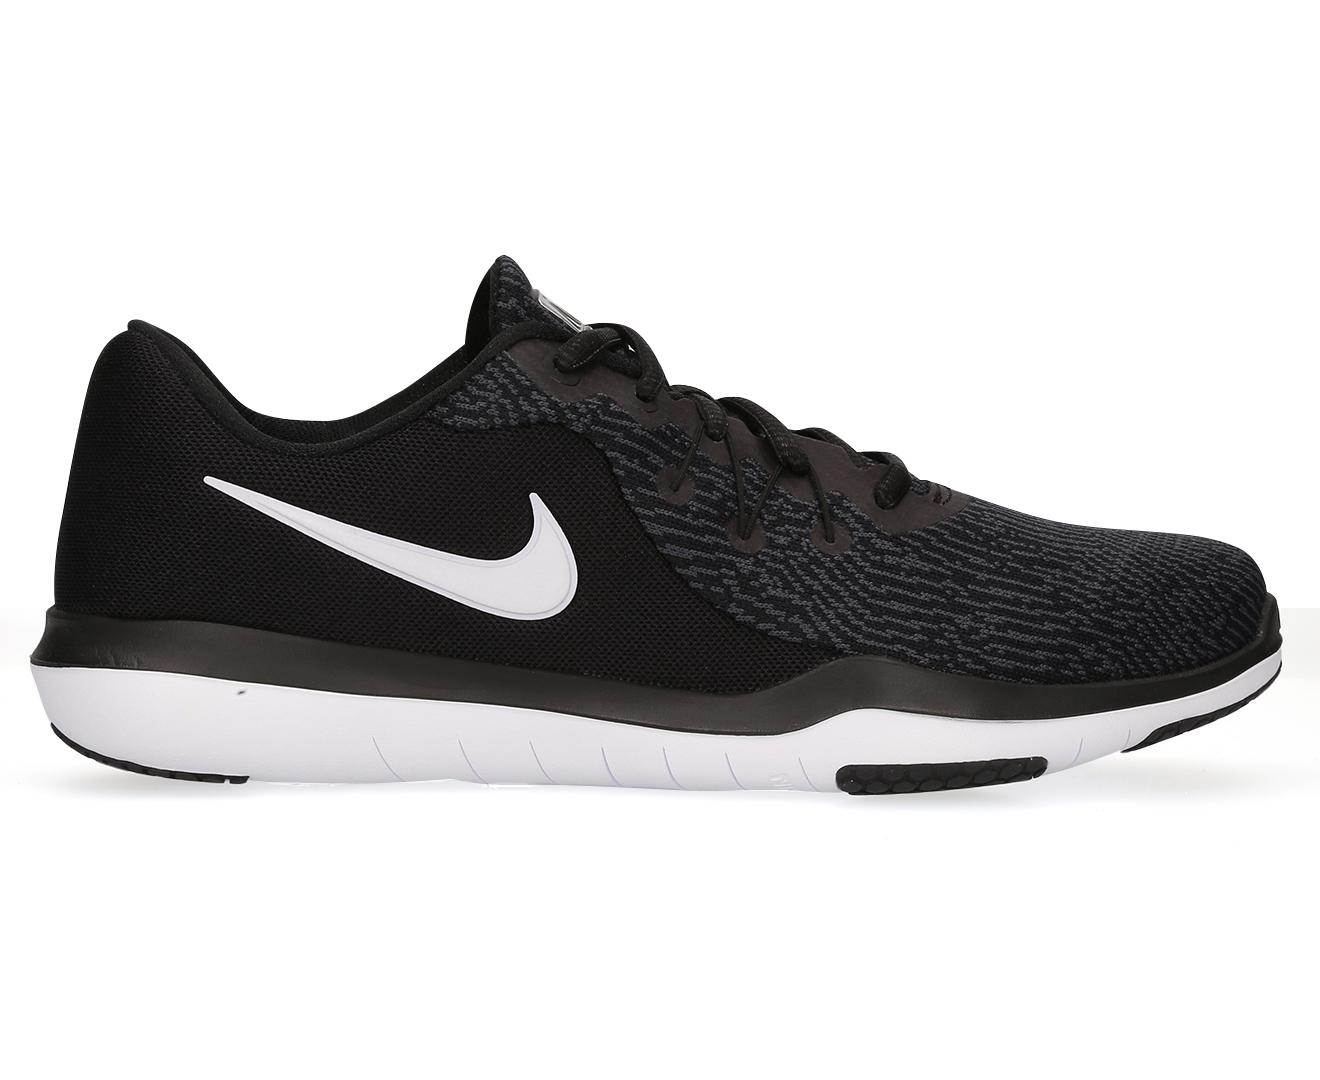 890a2b159a08 Nike Women s Flex Supreme TR 6 Shoe - Black White-Anthracite